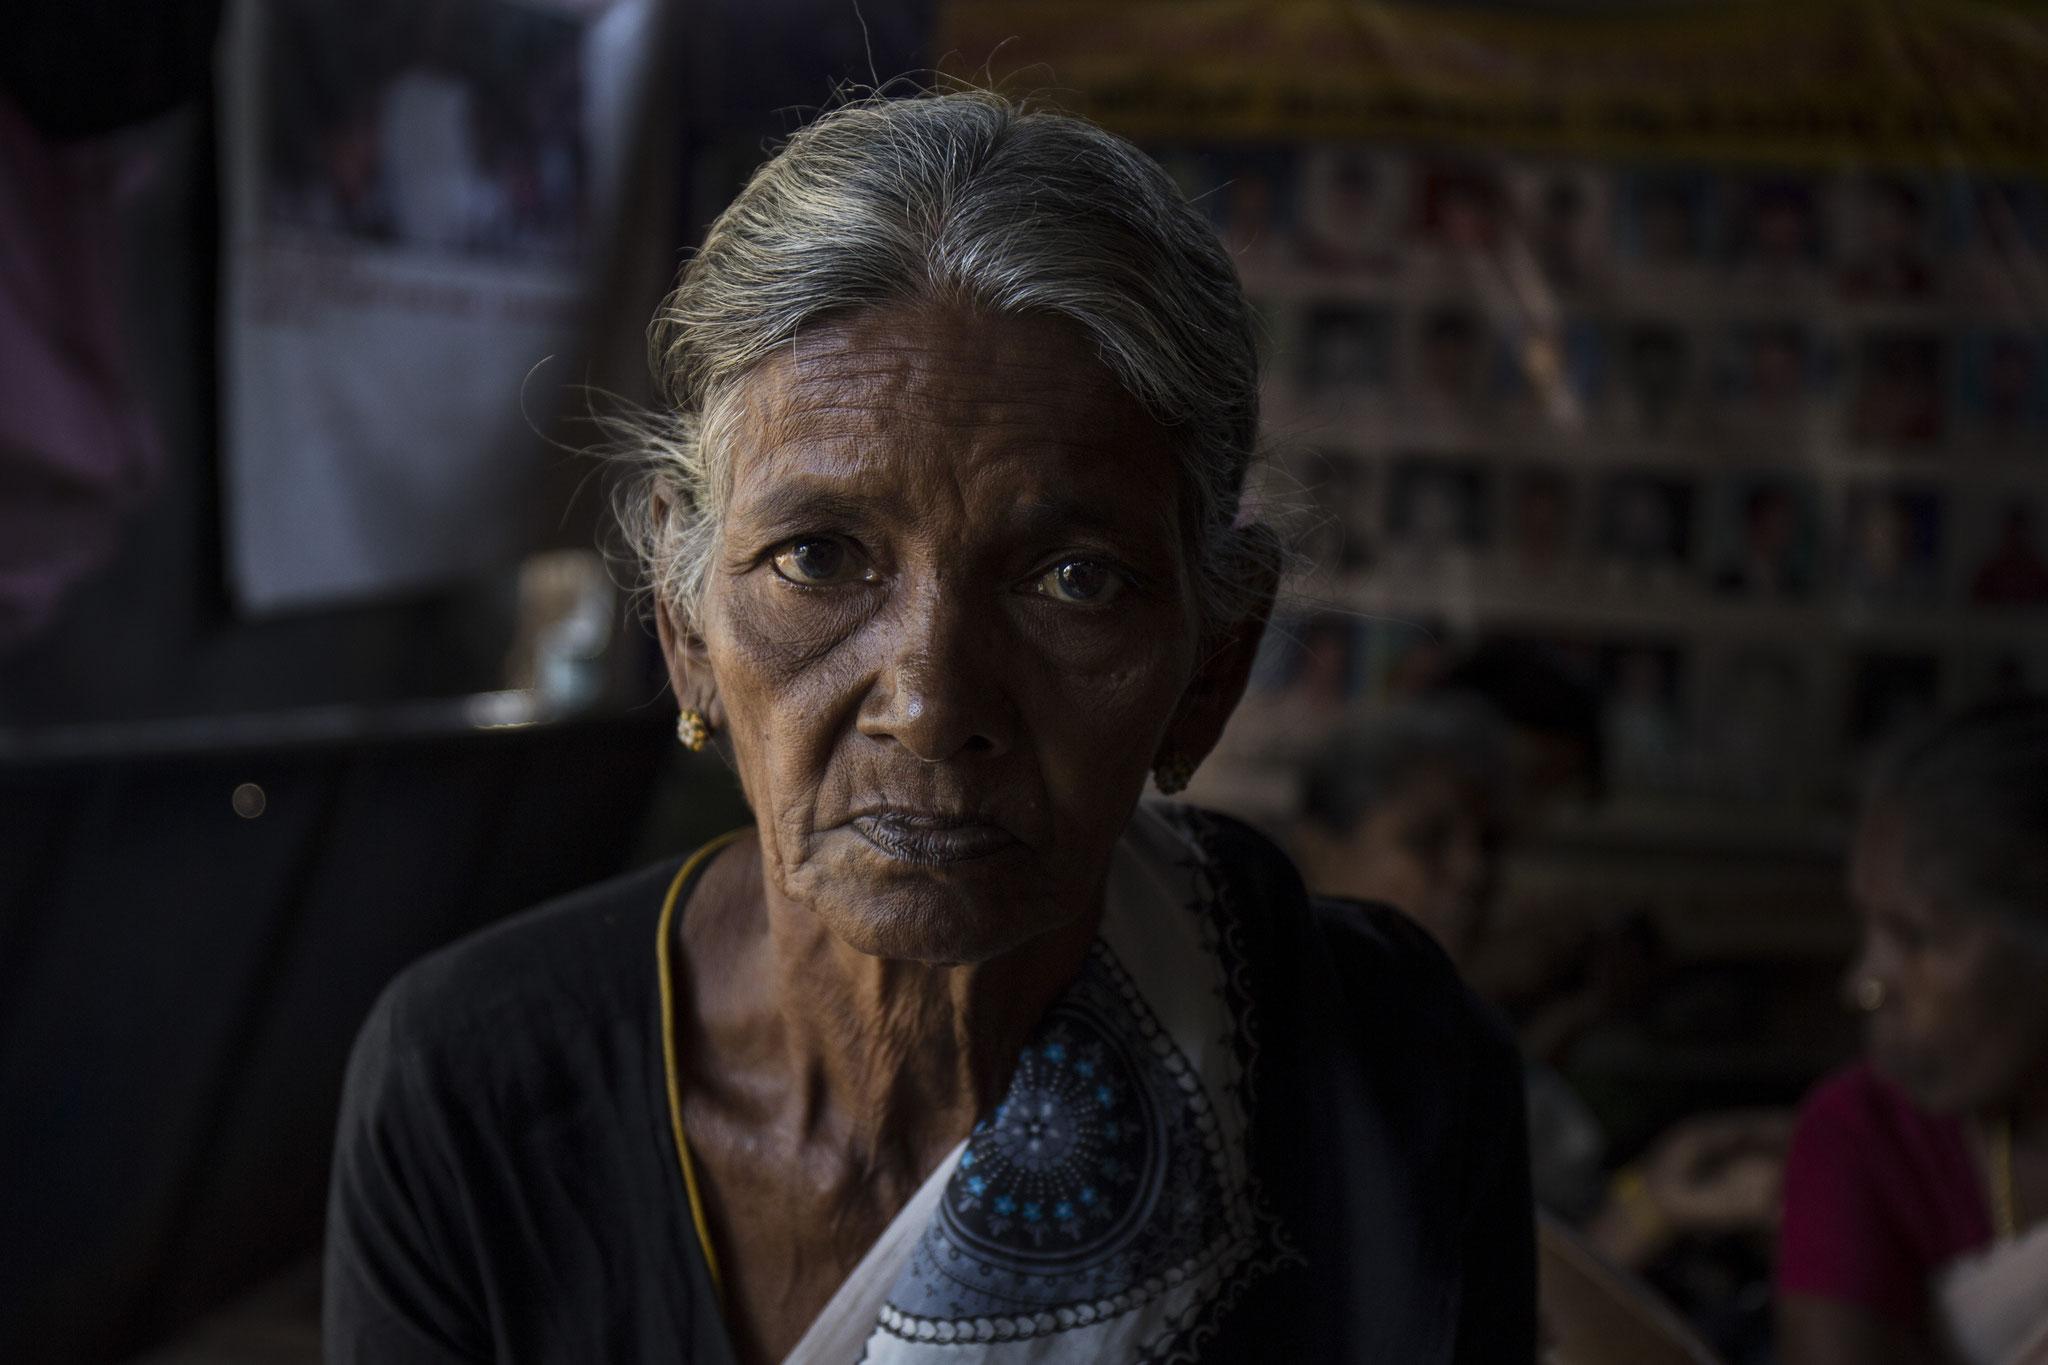 Eine Frau aus dem Protestcamp vermisst ihre Tochter, die im Bürgerkrieg von singhalesischen Soldaten verschleppt wurde. Vavuniya, 2018